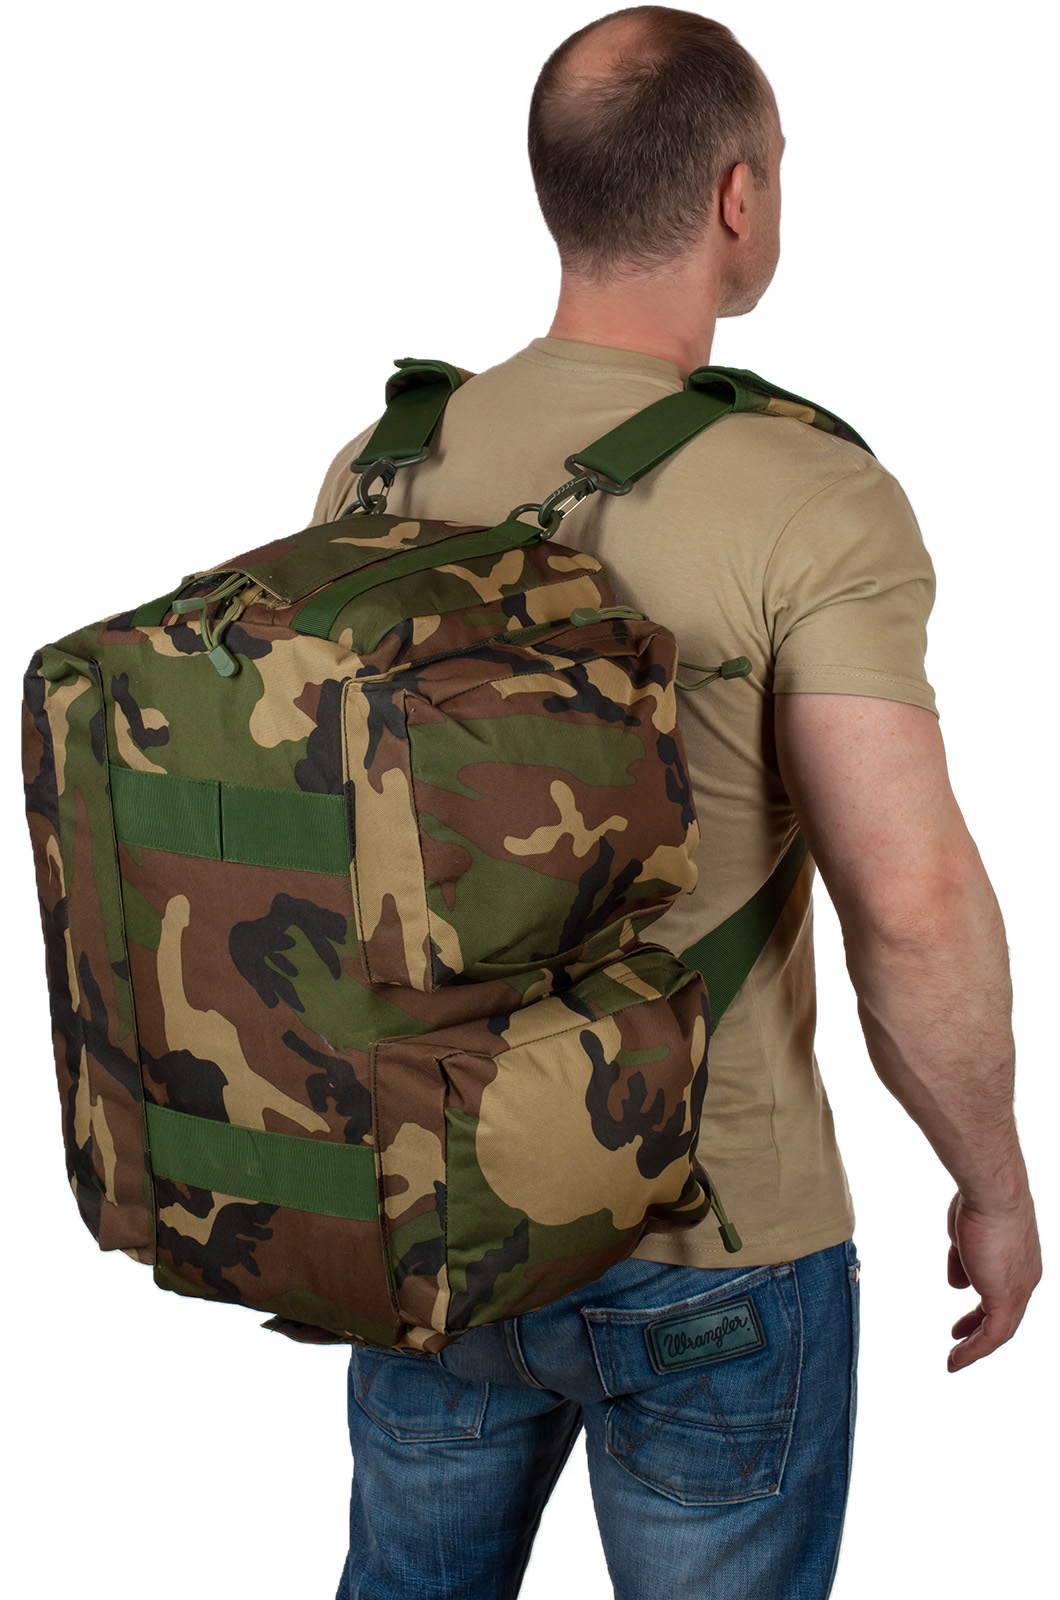 Купить недорого в военторге классный камуфляжный рюкзак морпеха